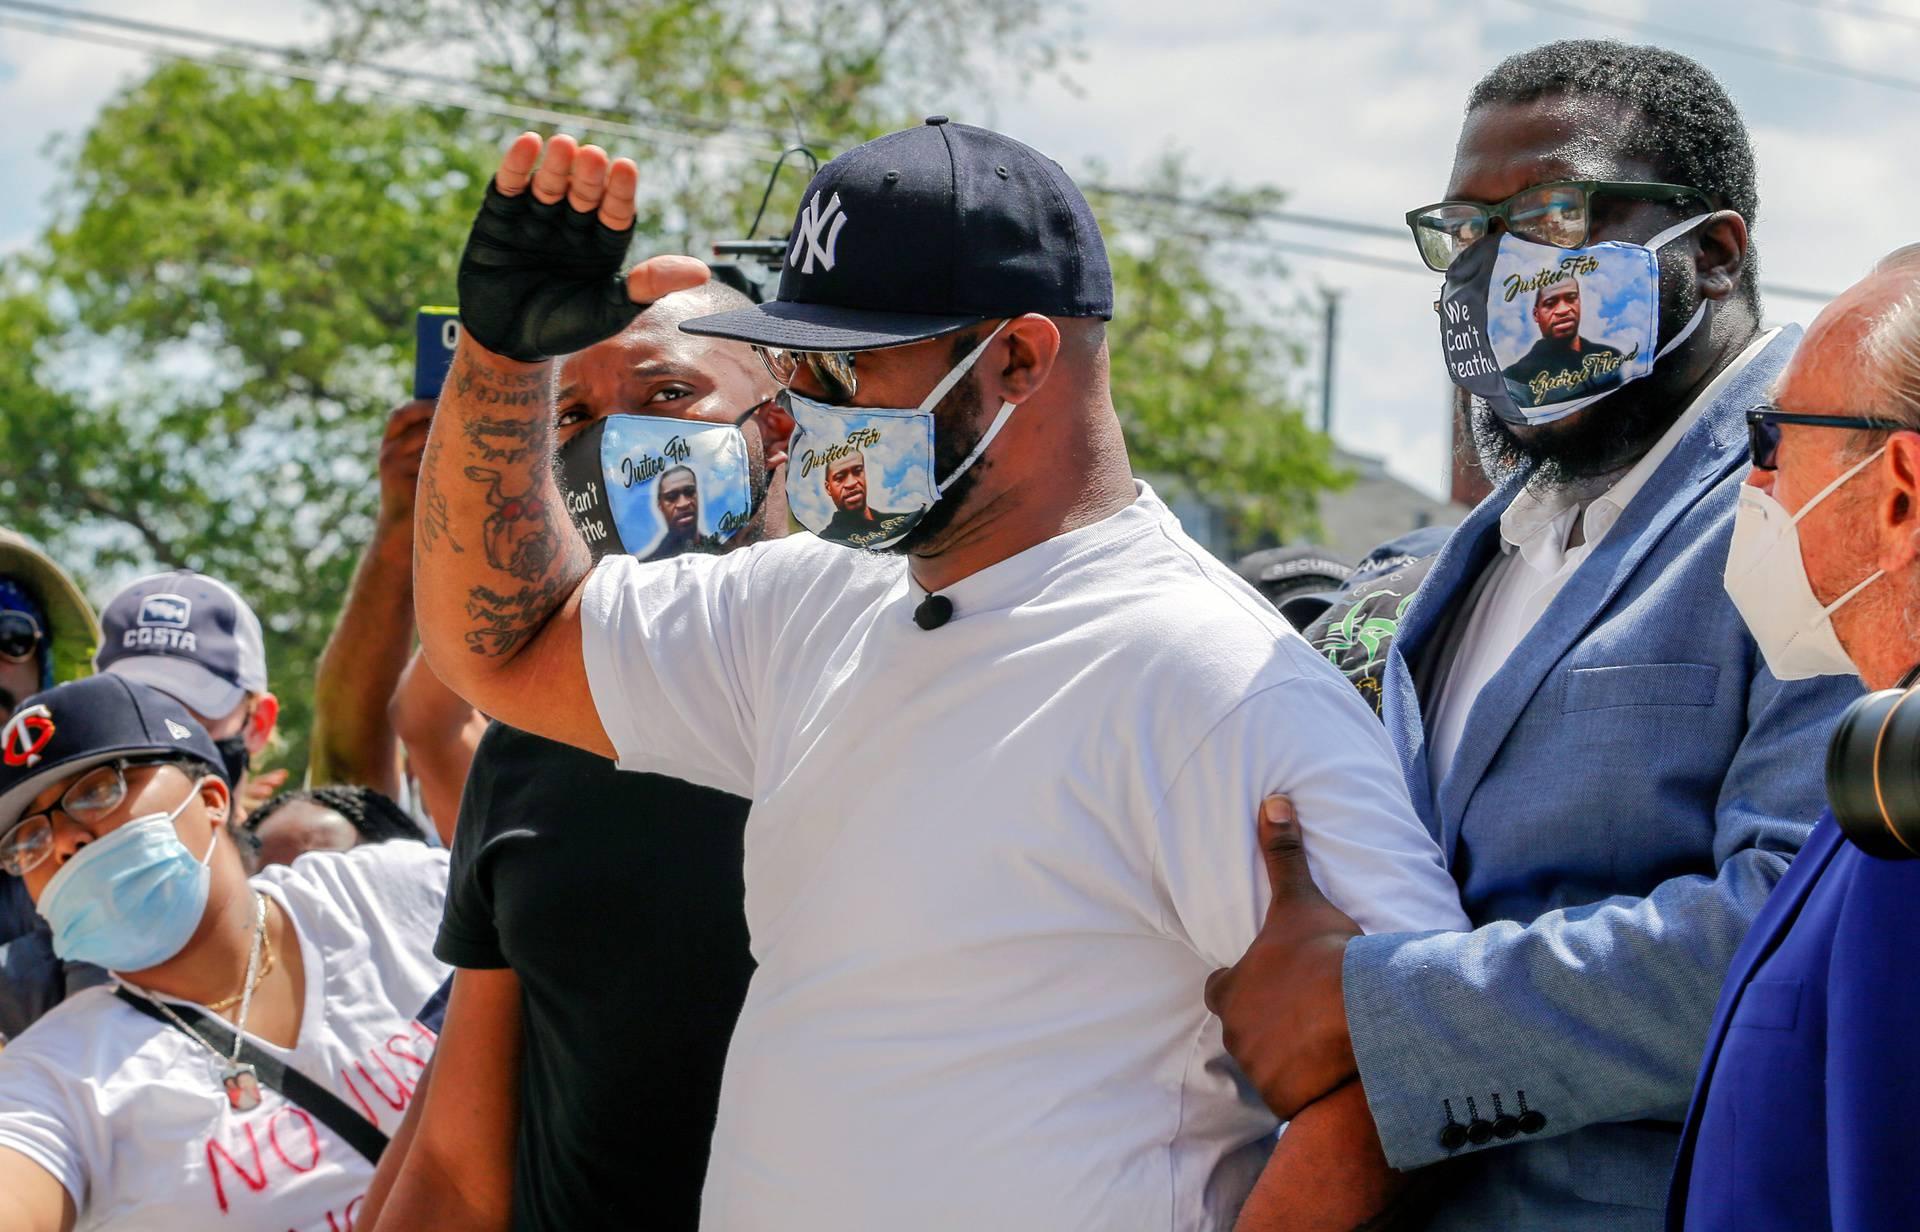 Brat preminulog Floyda poručio prosvjednicima: 'Zašto divljate? Na taj način nećete ništa postići'